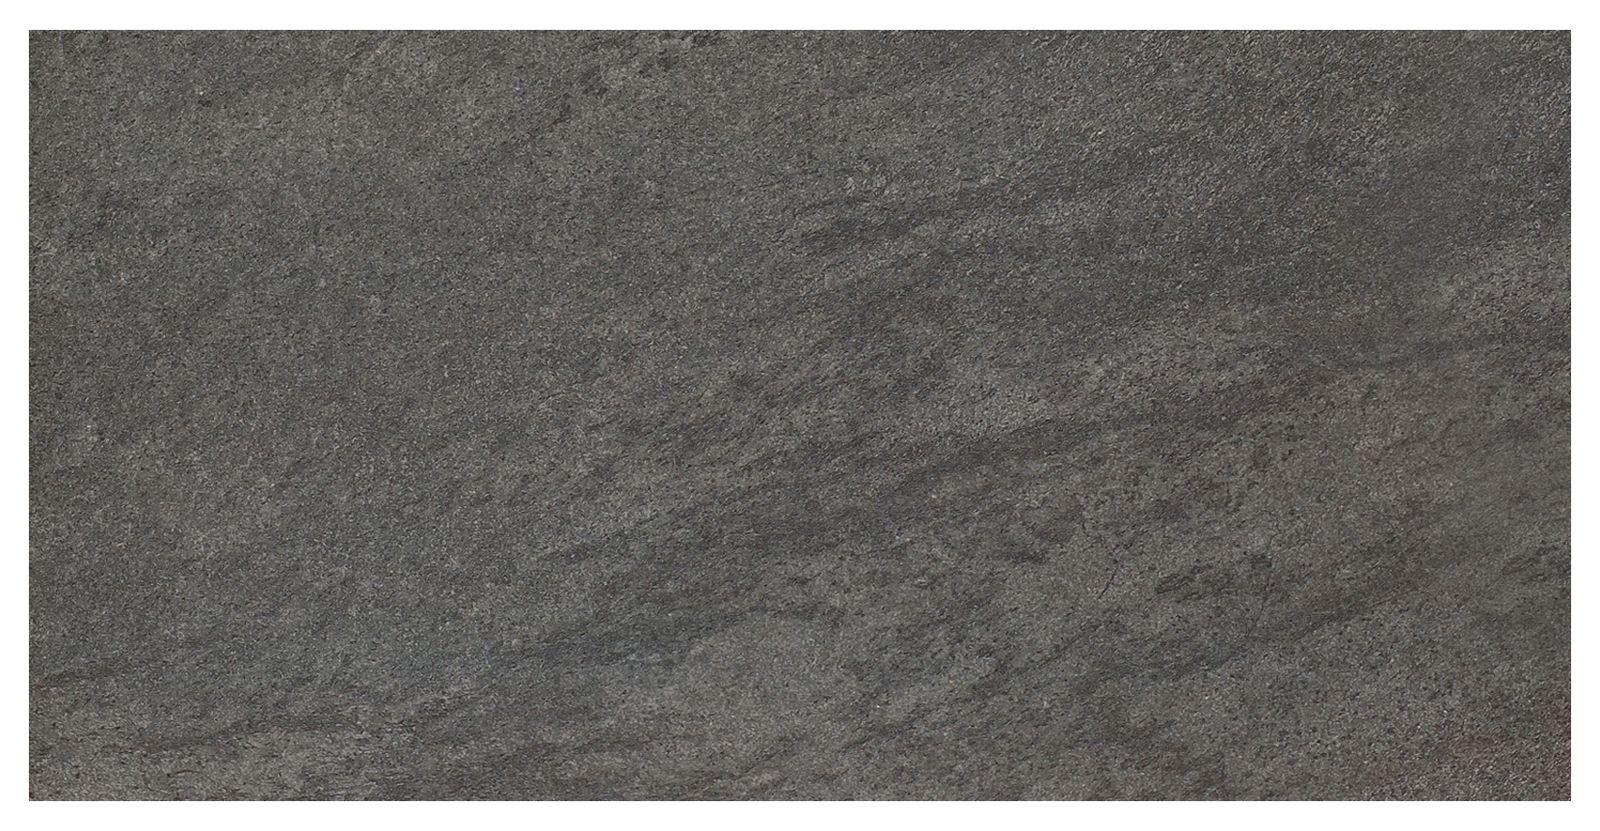 Piastrelle In Pietra Lavica : Cucina piastrelle per le pareti oath piastrelle